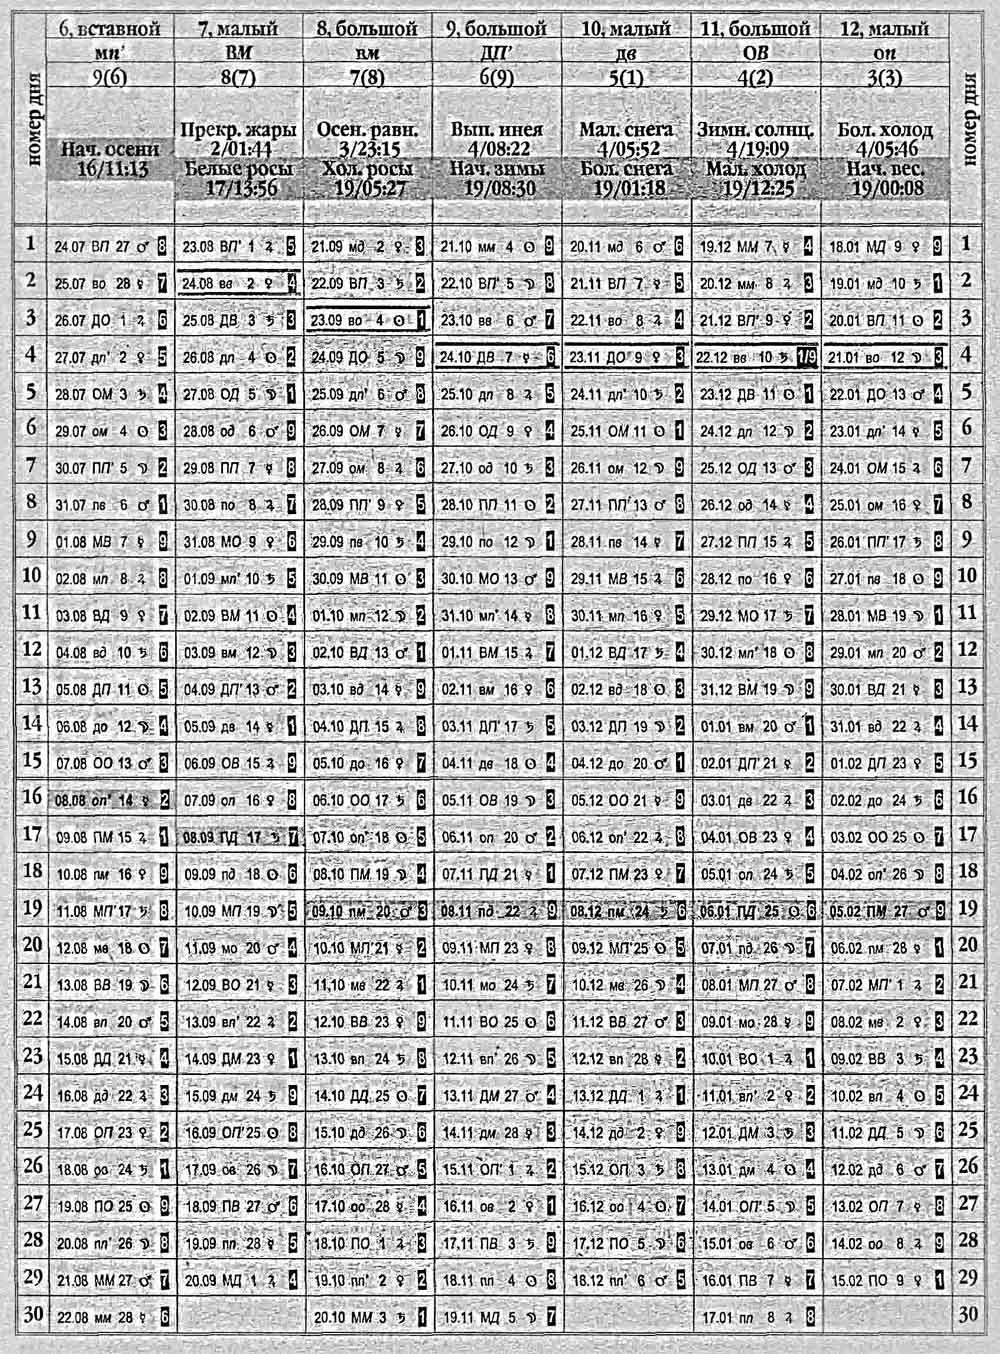 календарь 1979 года по месяцам посмотреть картинки